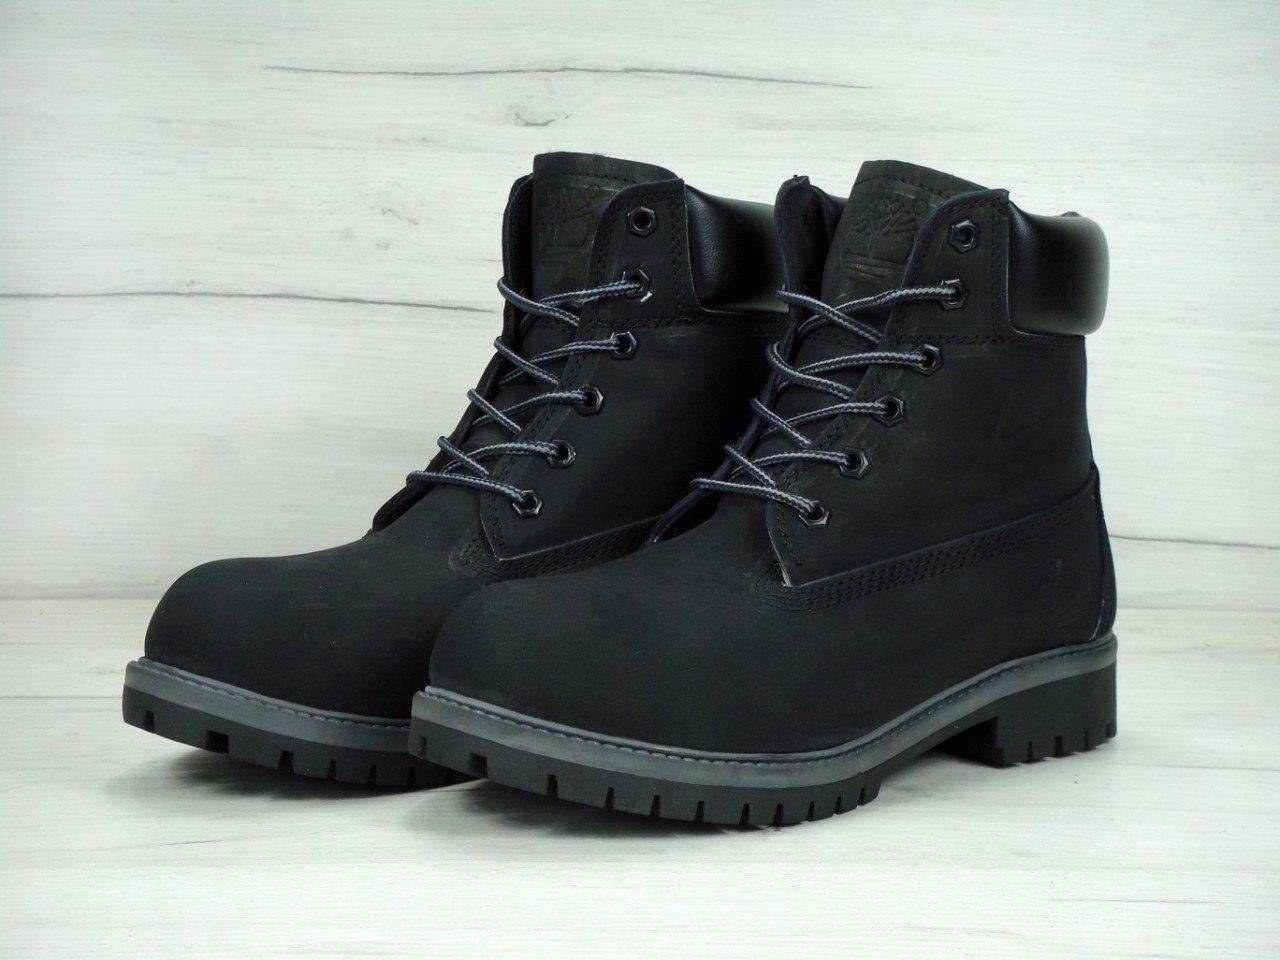 Ботинки Timberland мужские зимние (черные), ТОП-реплика